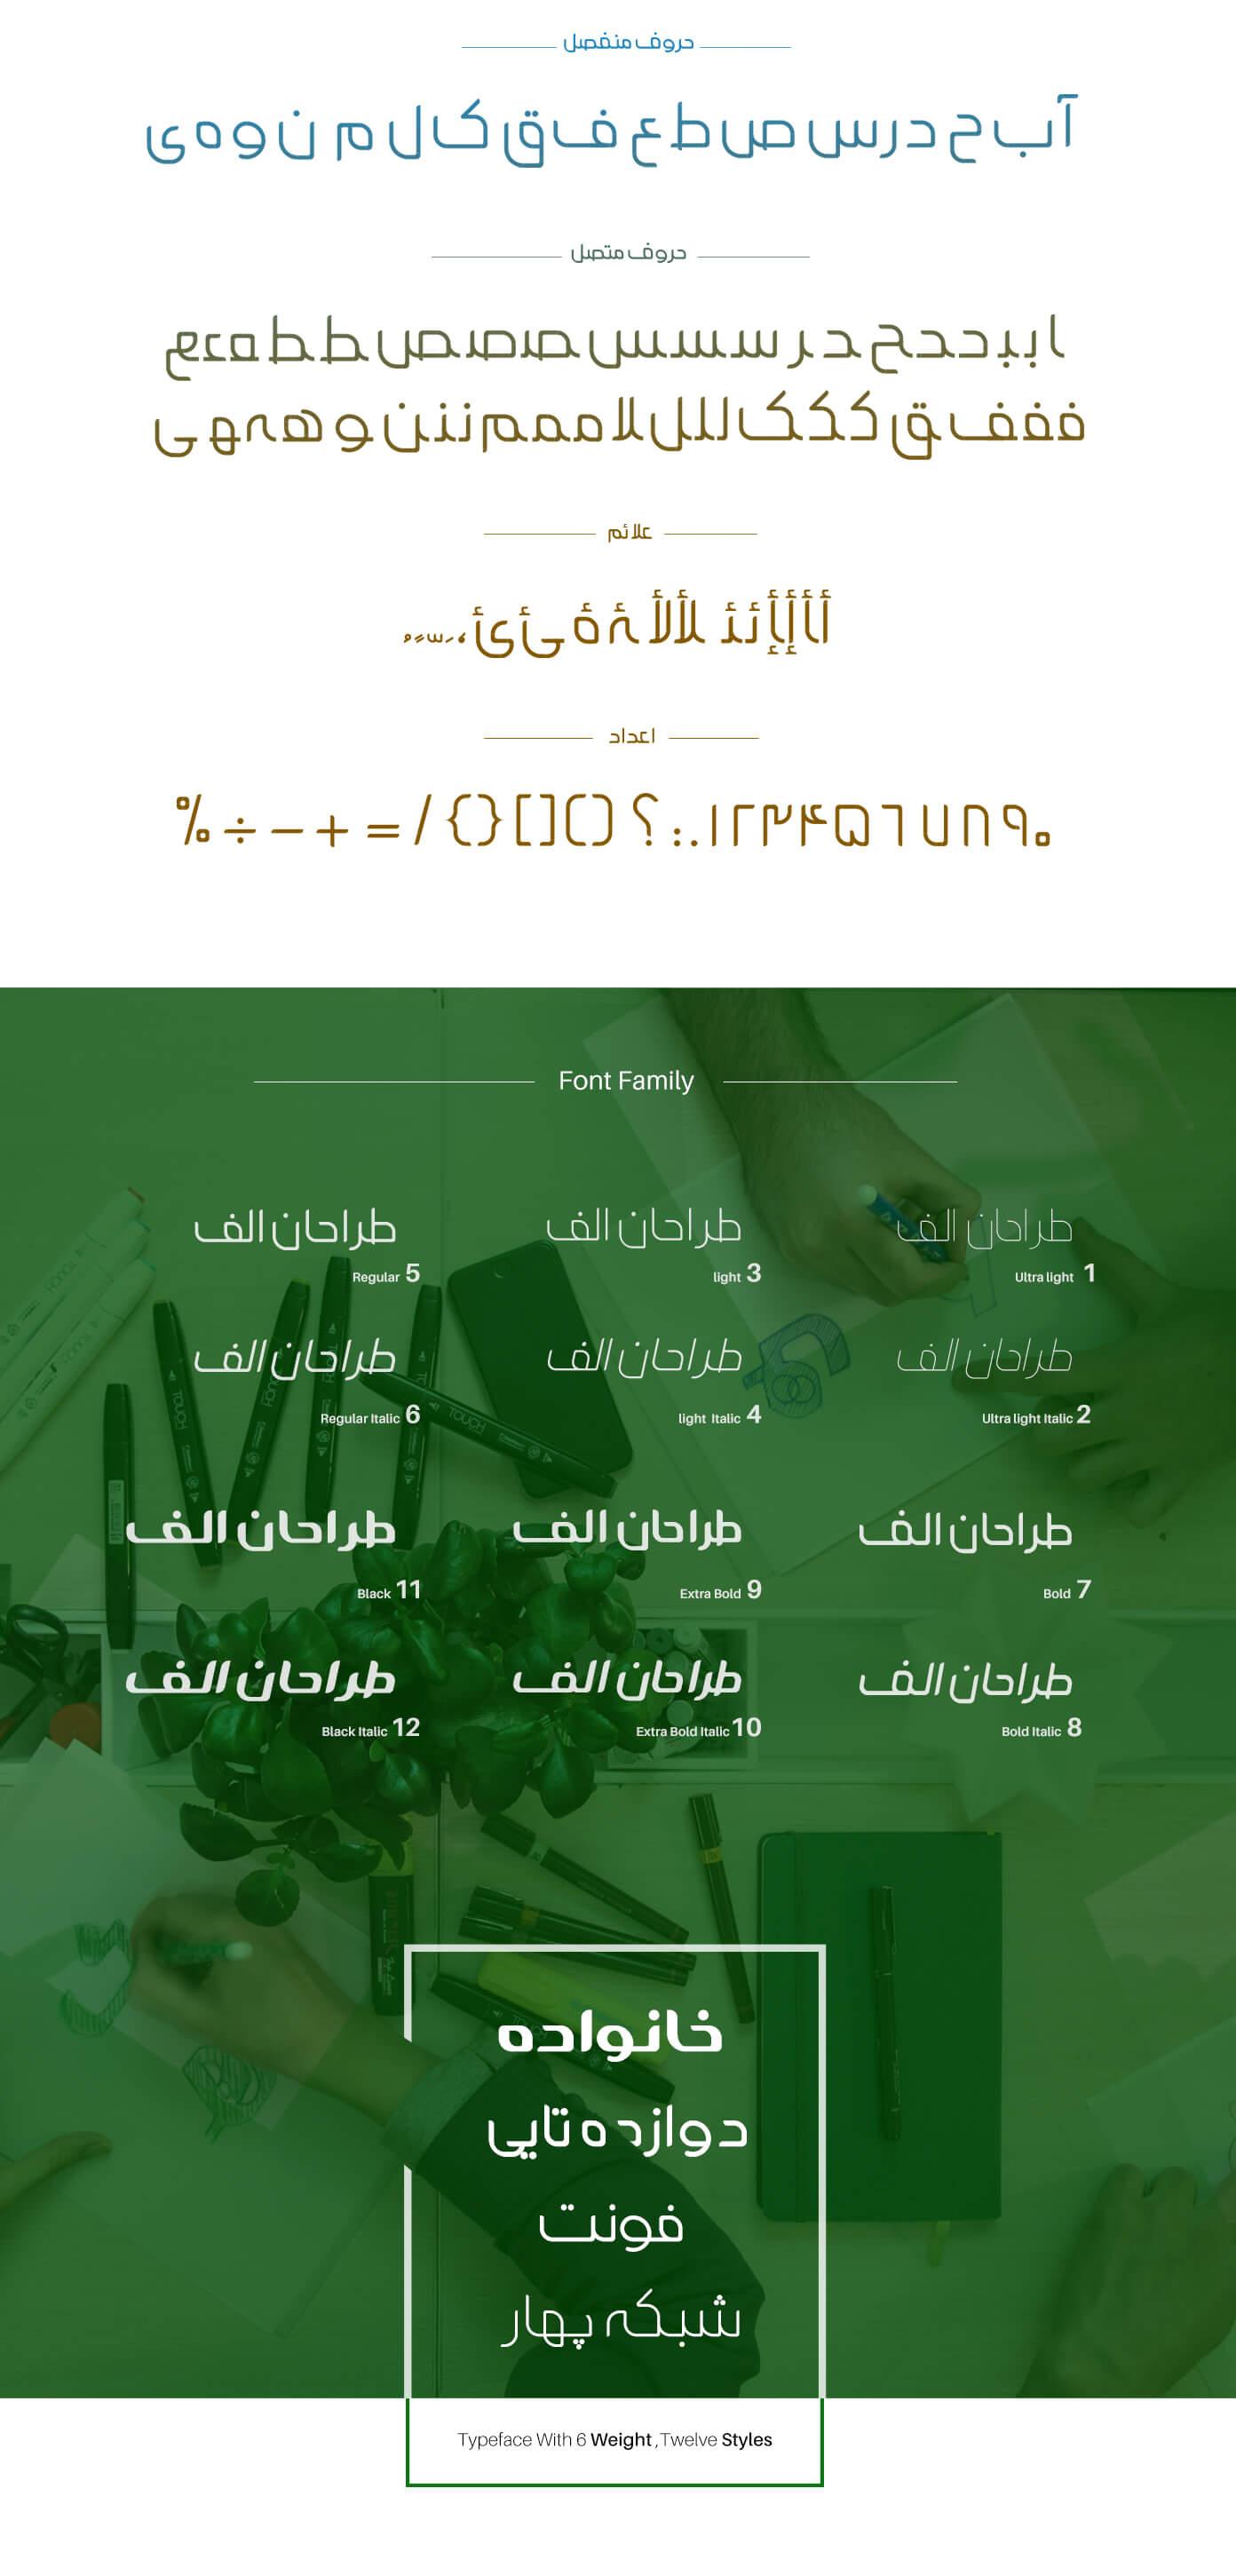 هویت بصری دو بعدی و سه بعدی شبکه چهار سیما 3، دو بعدی و سه بعدی شبکه چهار سیما، هویت بصری، طراحی هویت بصری، شرکت تبلیغاتی الف، طراحی لوگو، طراحی لوگوتابپ، طراحی ست اداری، طراحی اوراق اداری